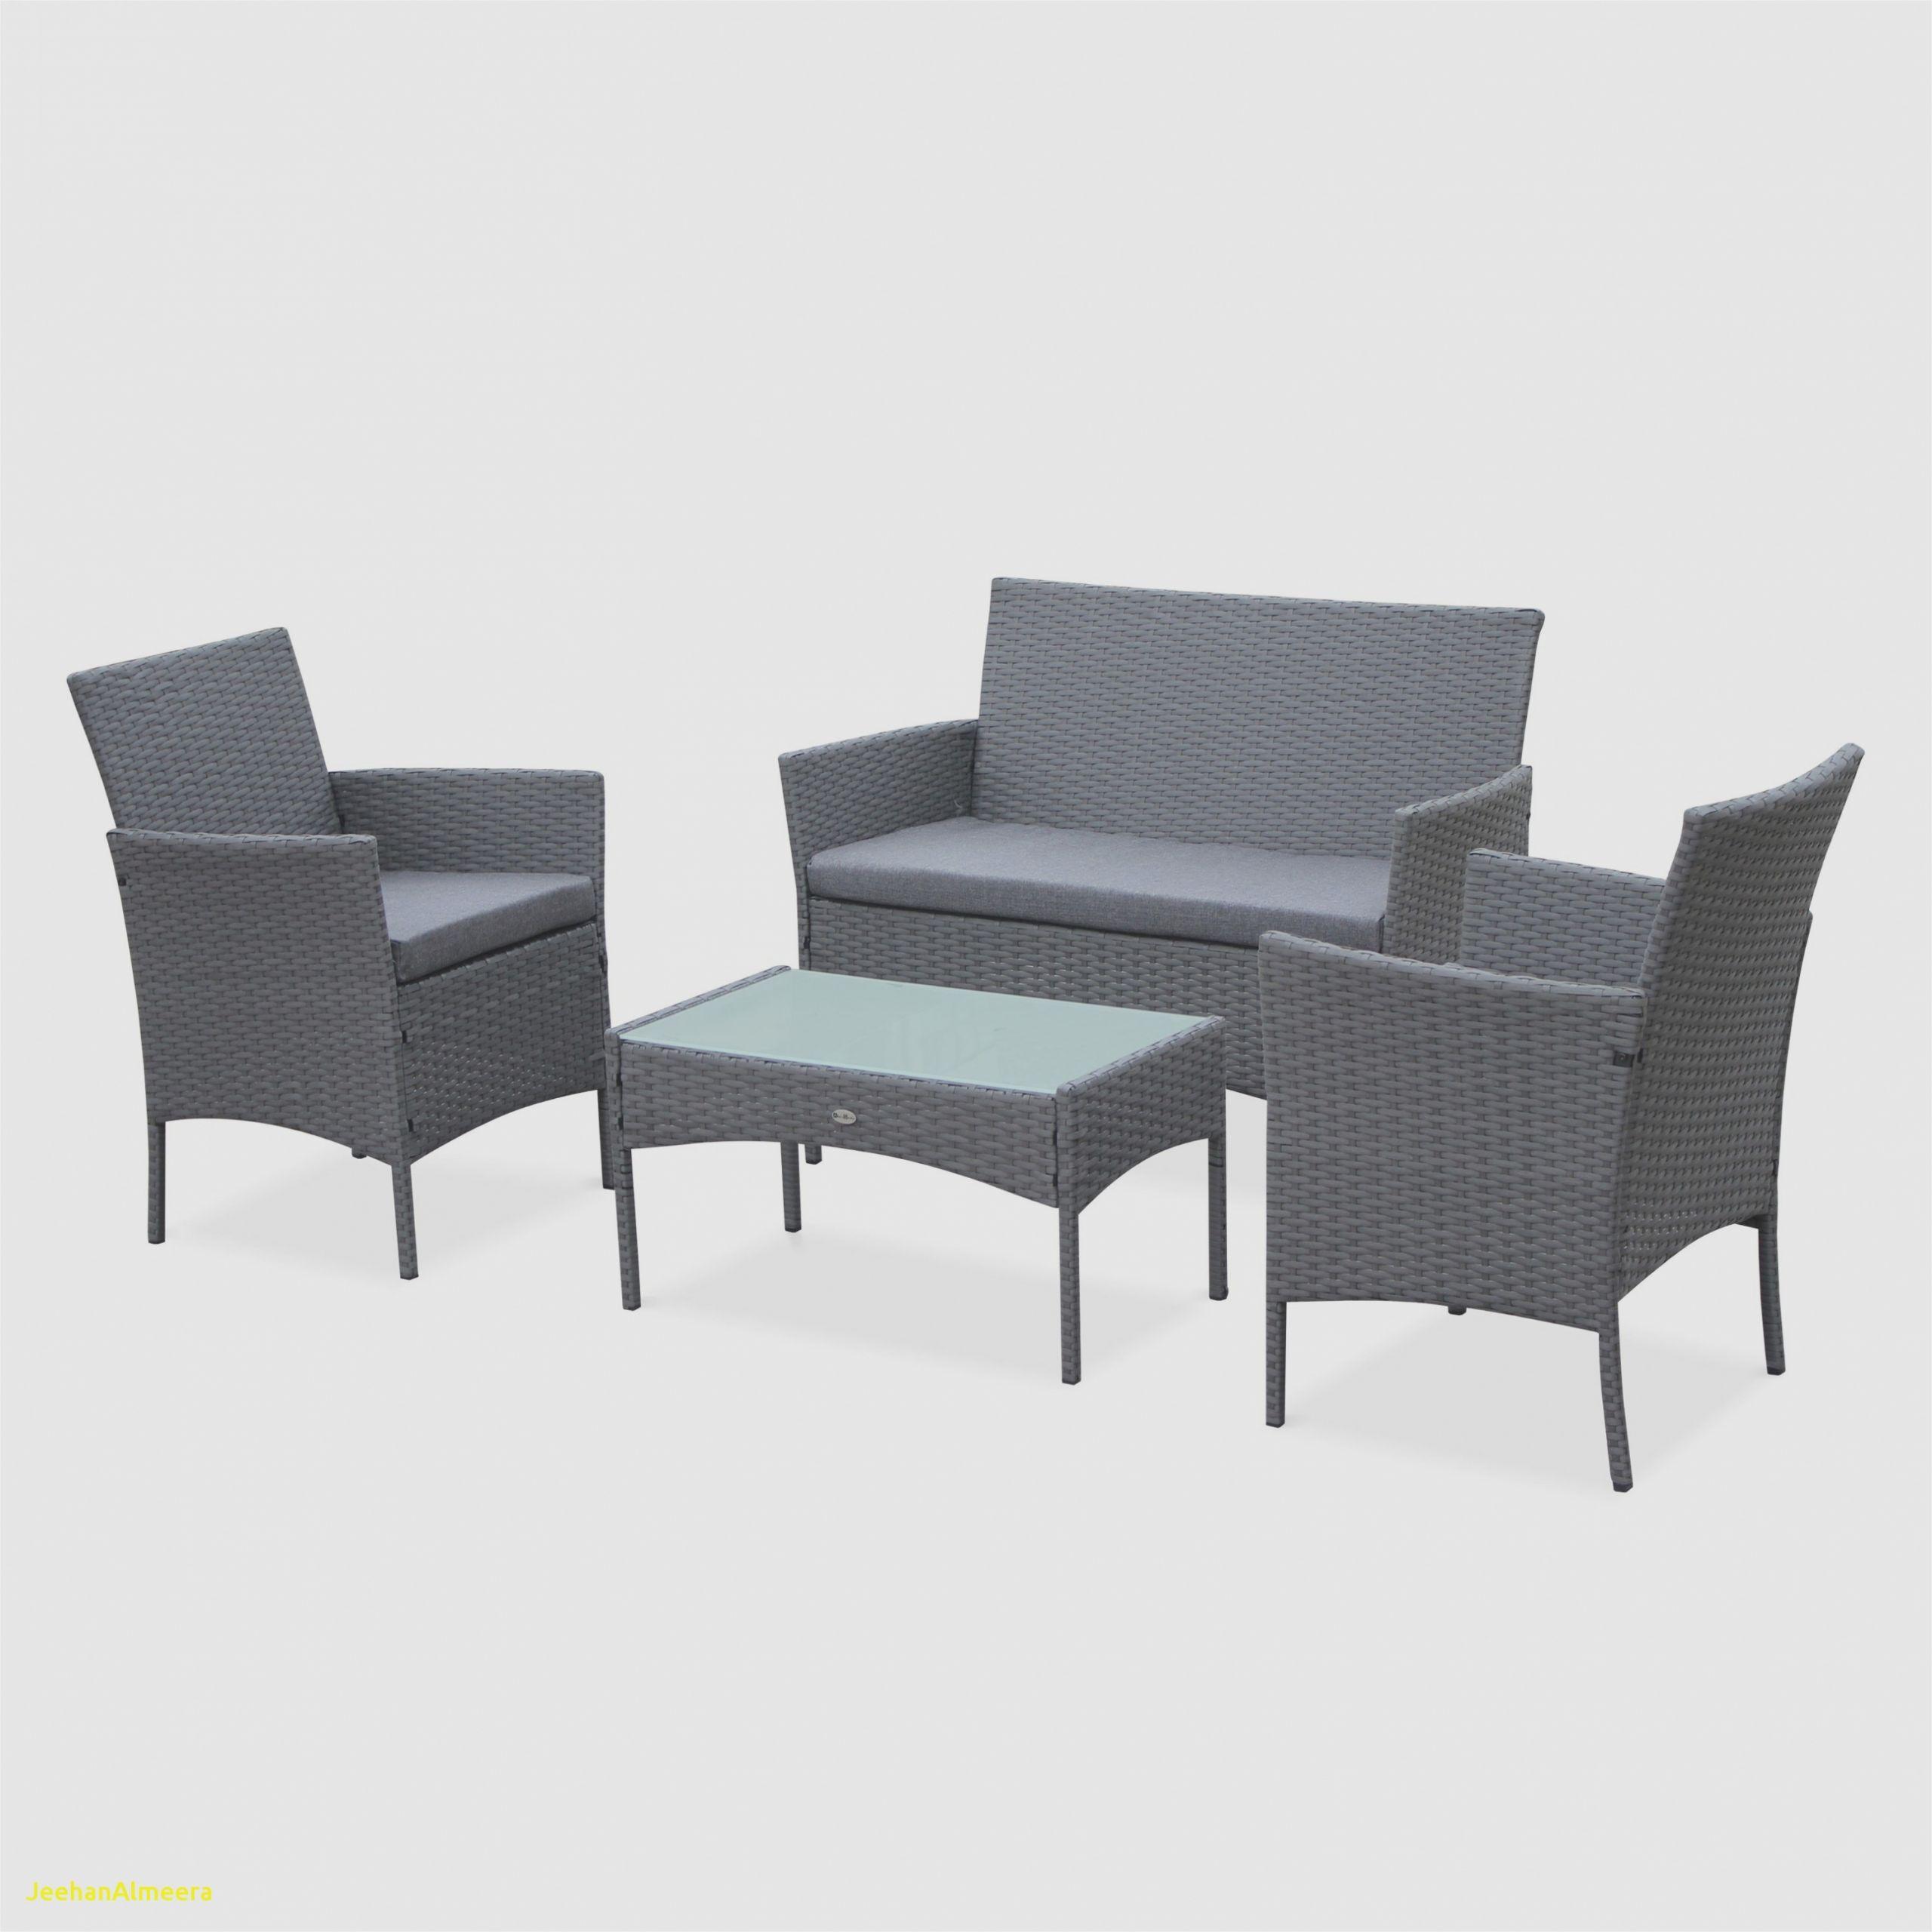 etourdissant salon de jardin prix discount dans chaise fer chaise salon de jardin bas of salon de jardin bas